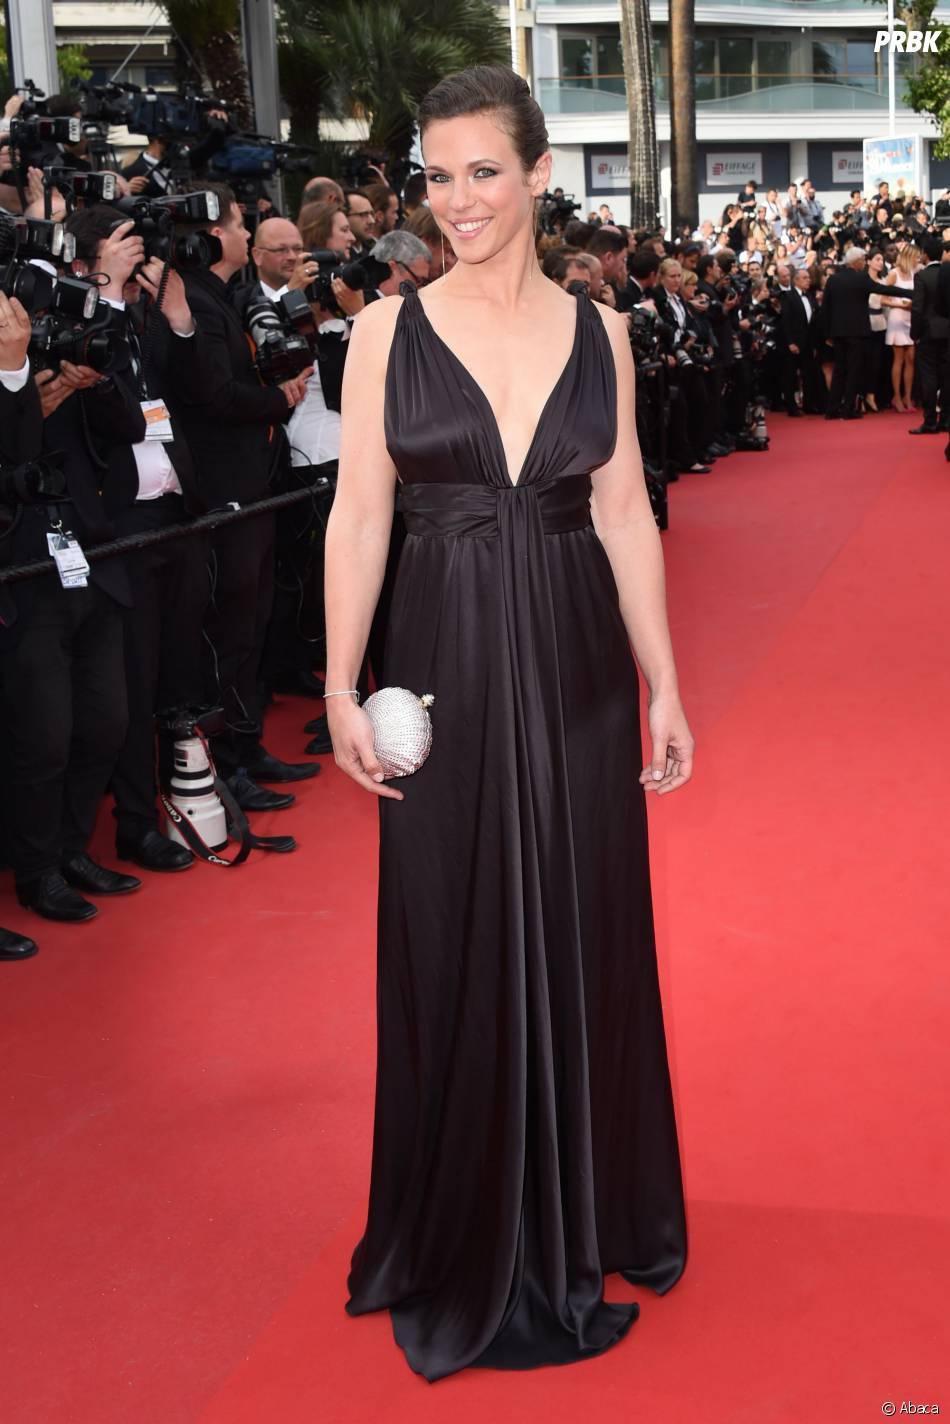 Lorie sur le tapis rouge, le 15 mai 2015 au festival de Cannes